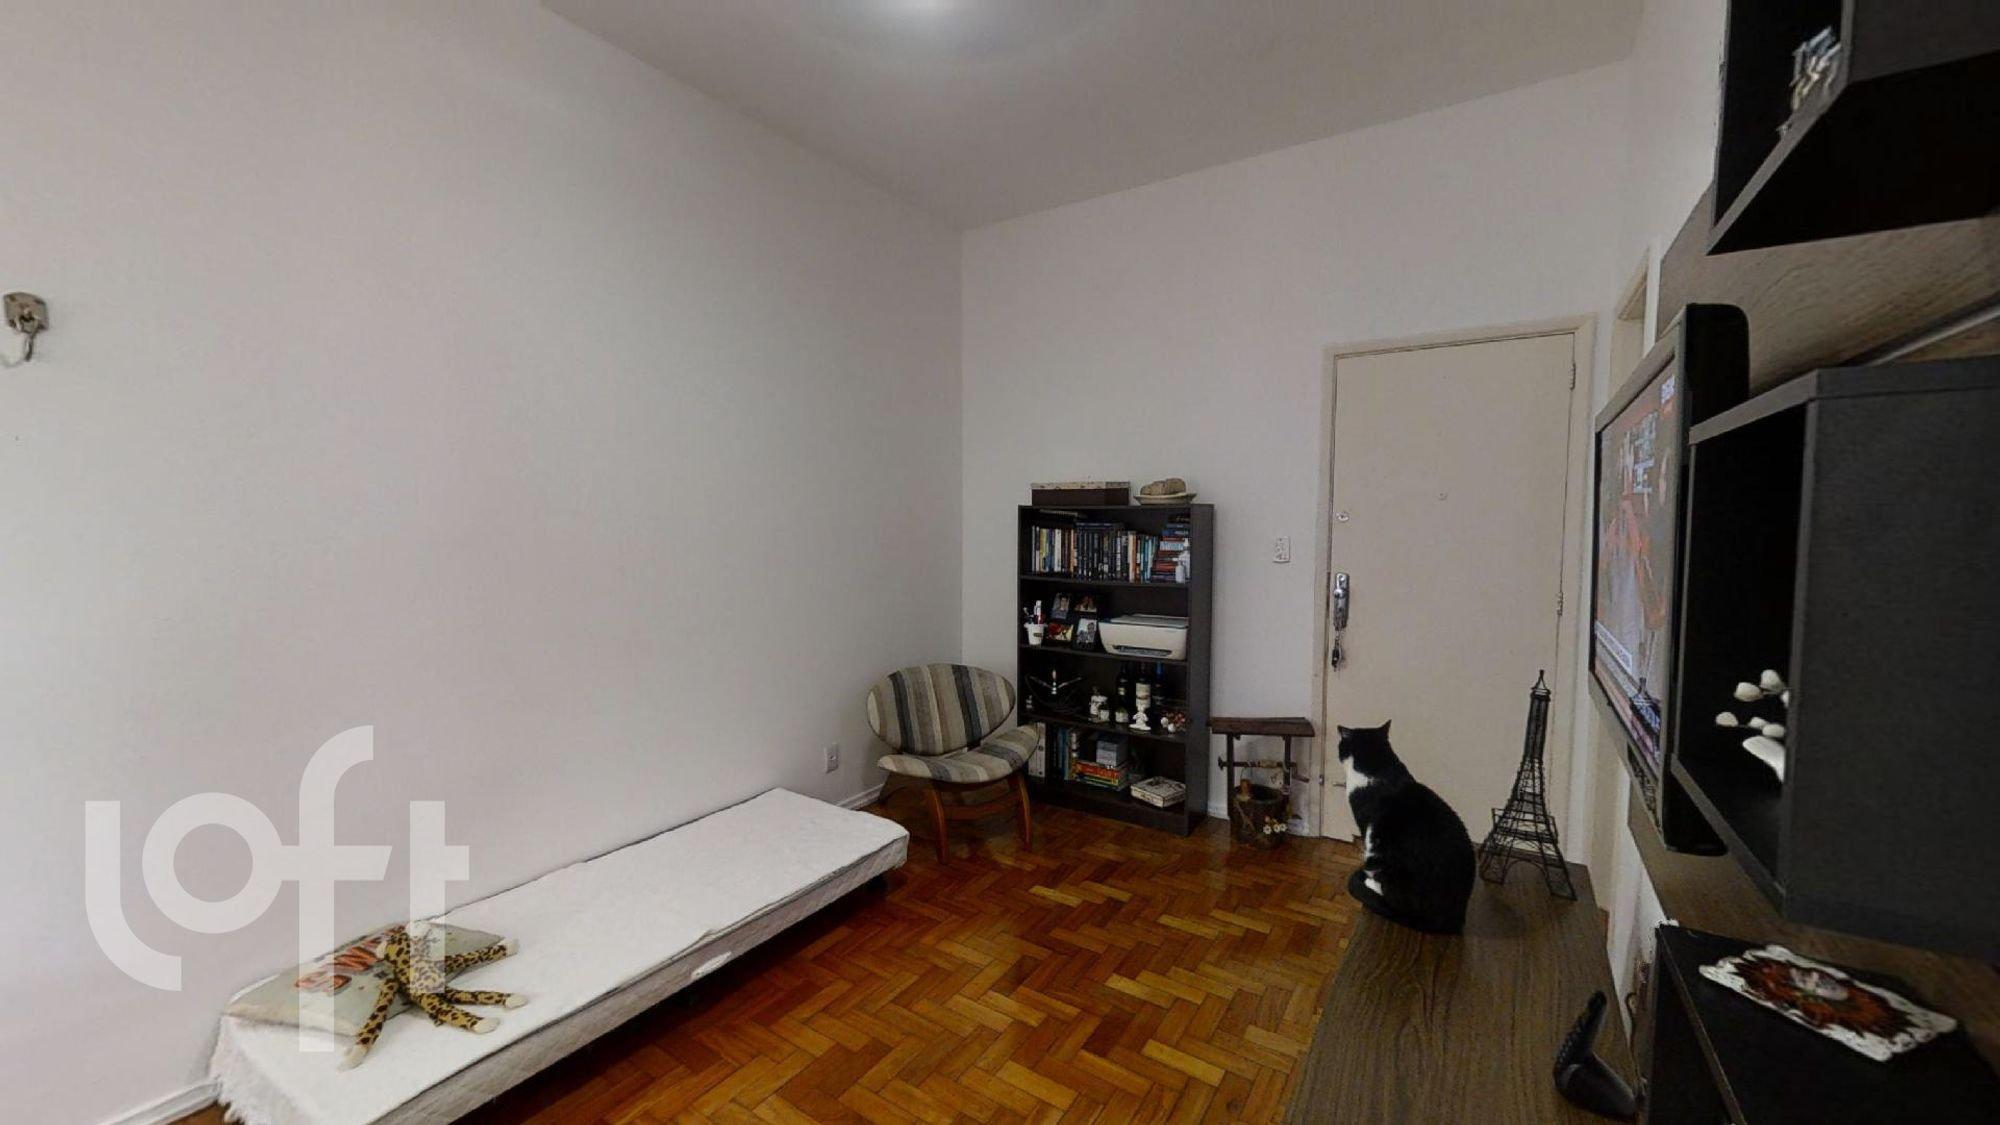 Foto de Sala com cama, televisão, cadeira, gato, livro